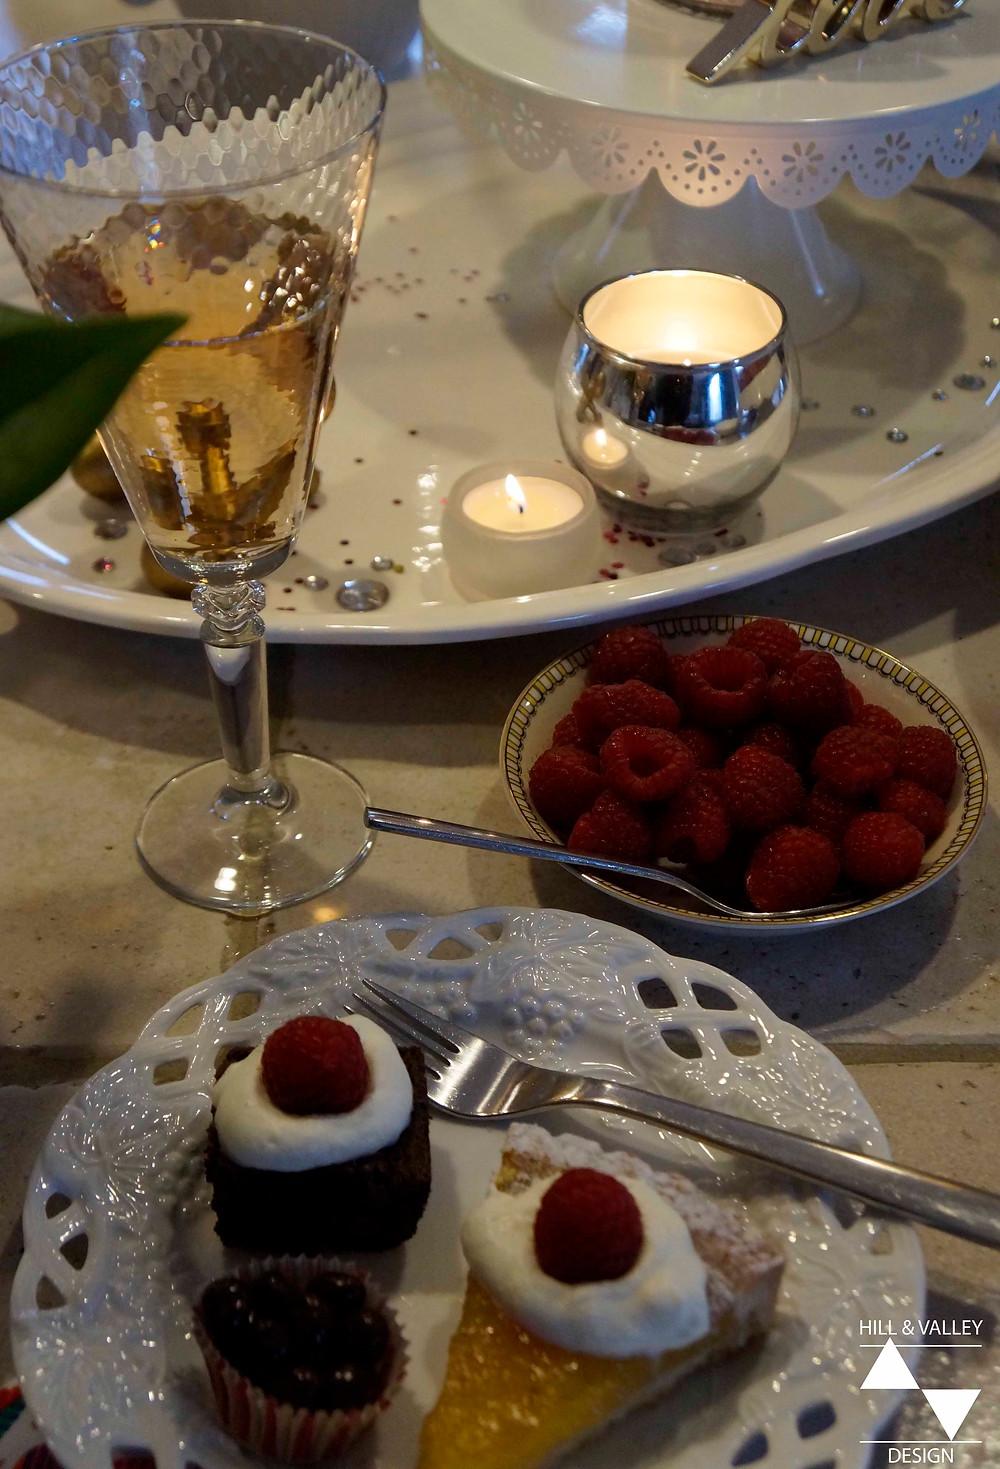 Wine, candles, raspberries, desserts - Valentine's